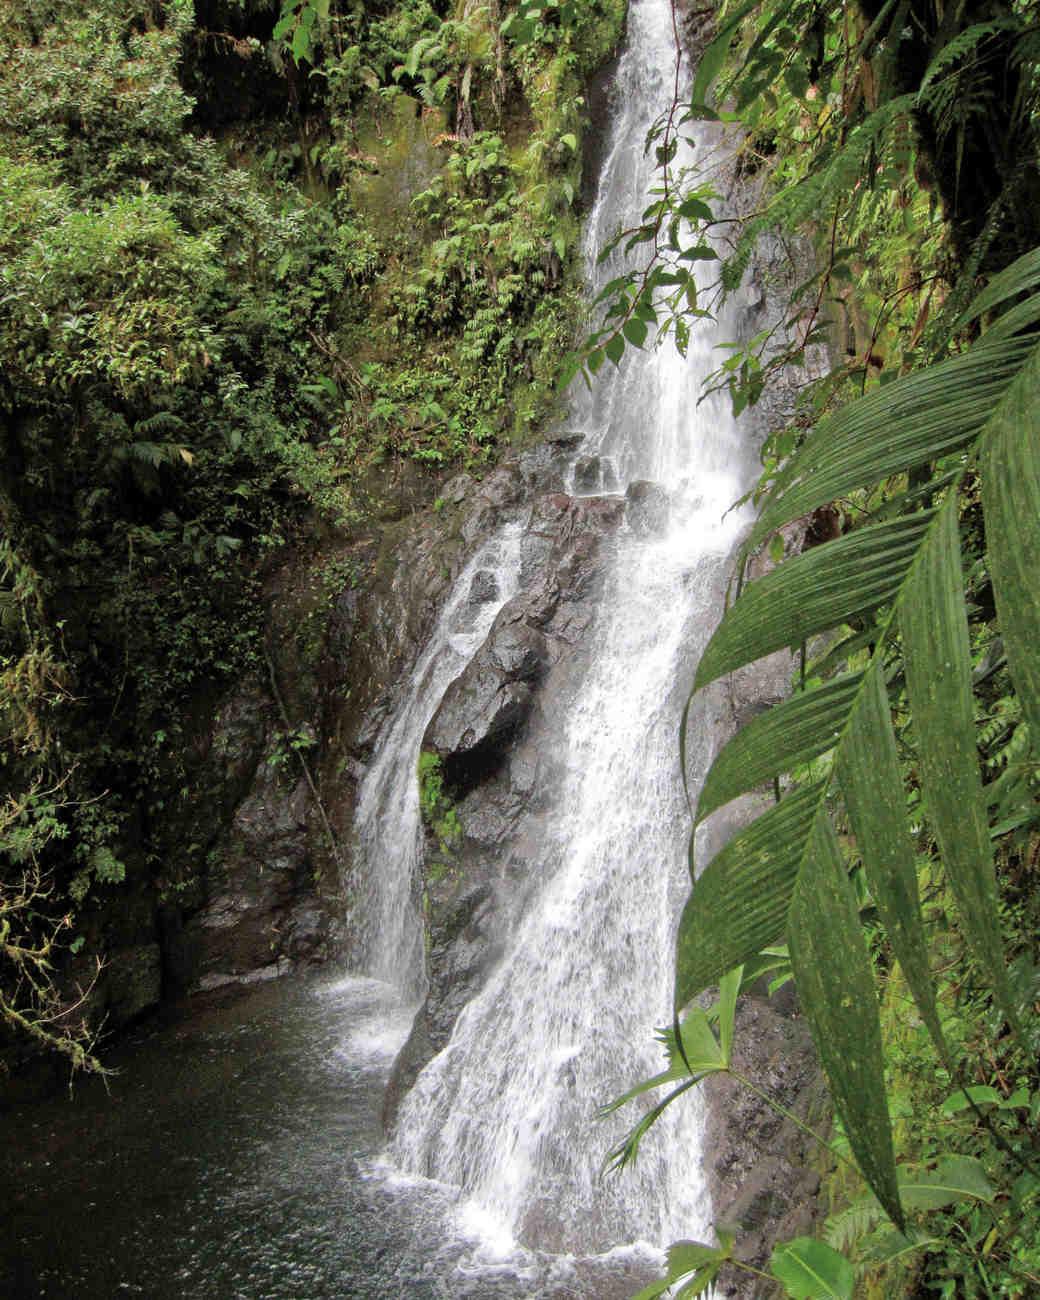 la-promesa-waterfall-mds108477.jpg